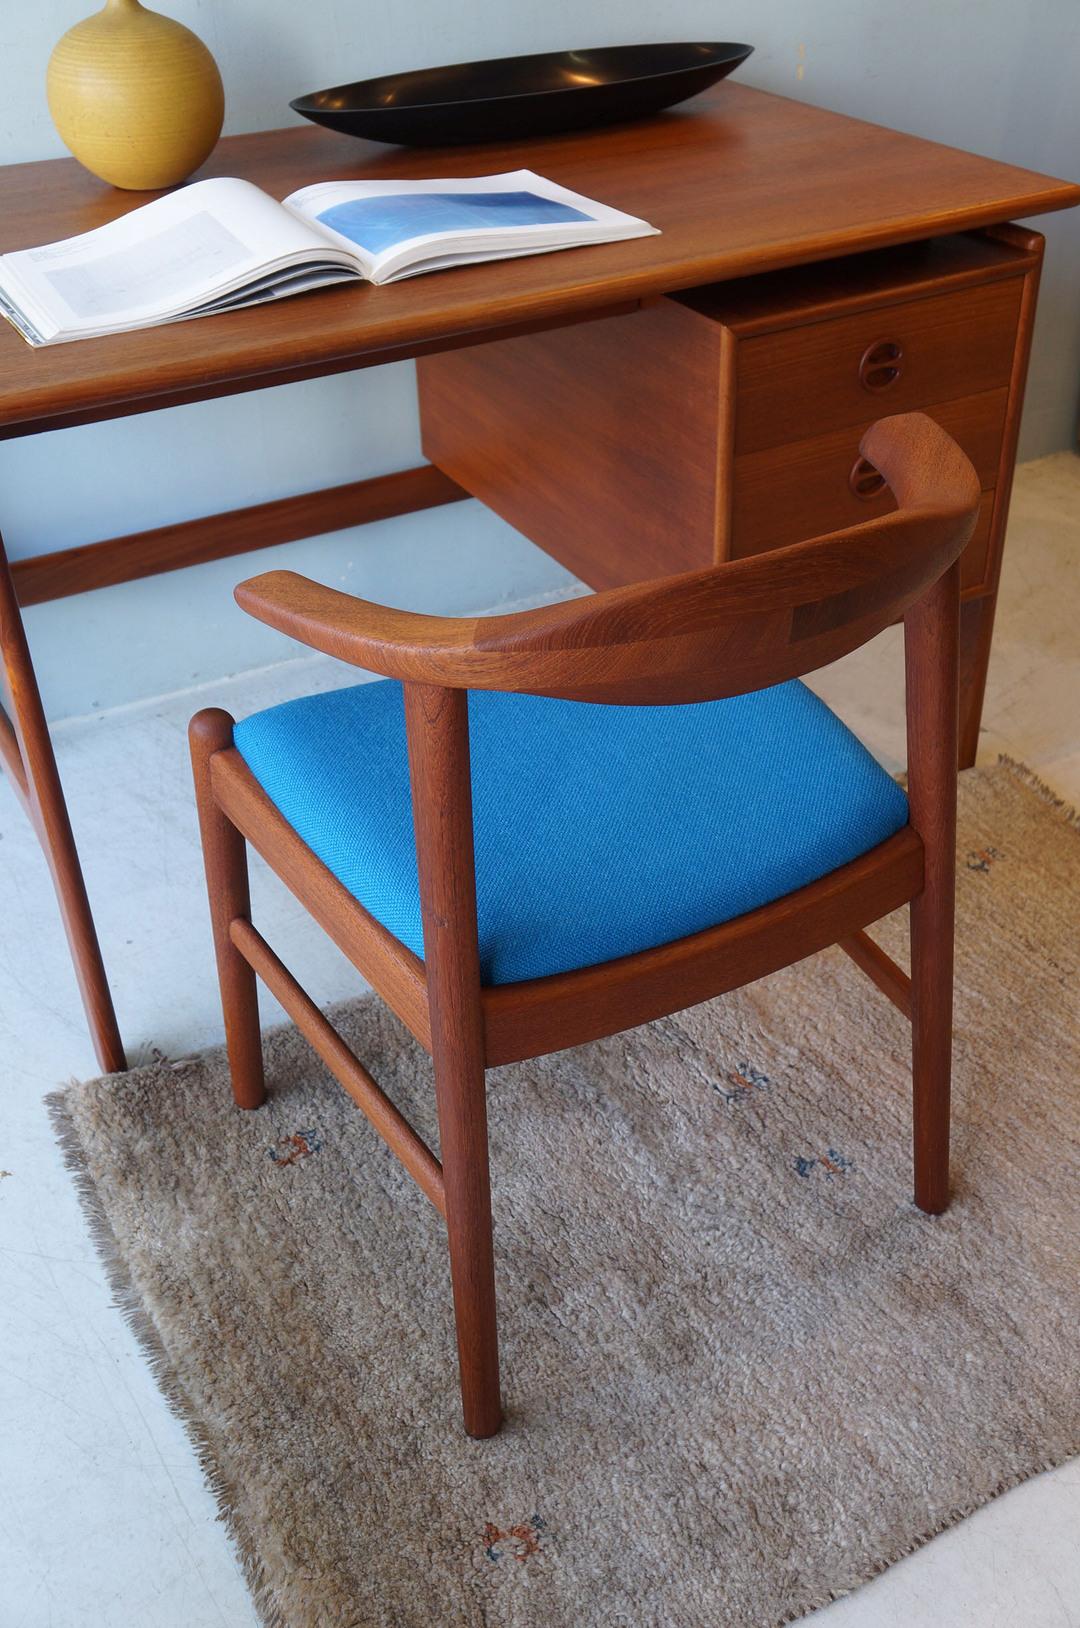 Japanese Vintage Aobayashi Dining Chair/ジャパンヴィンテージ 青林製作所 ダイニングチェア チーク材 椅子 北欧モダン 2